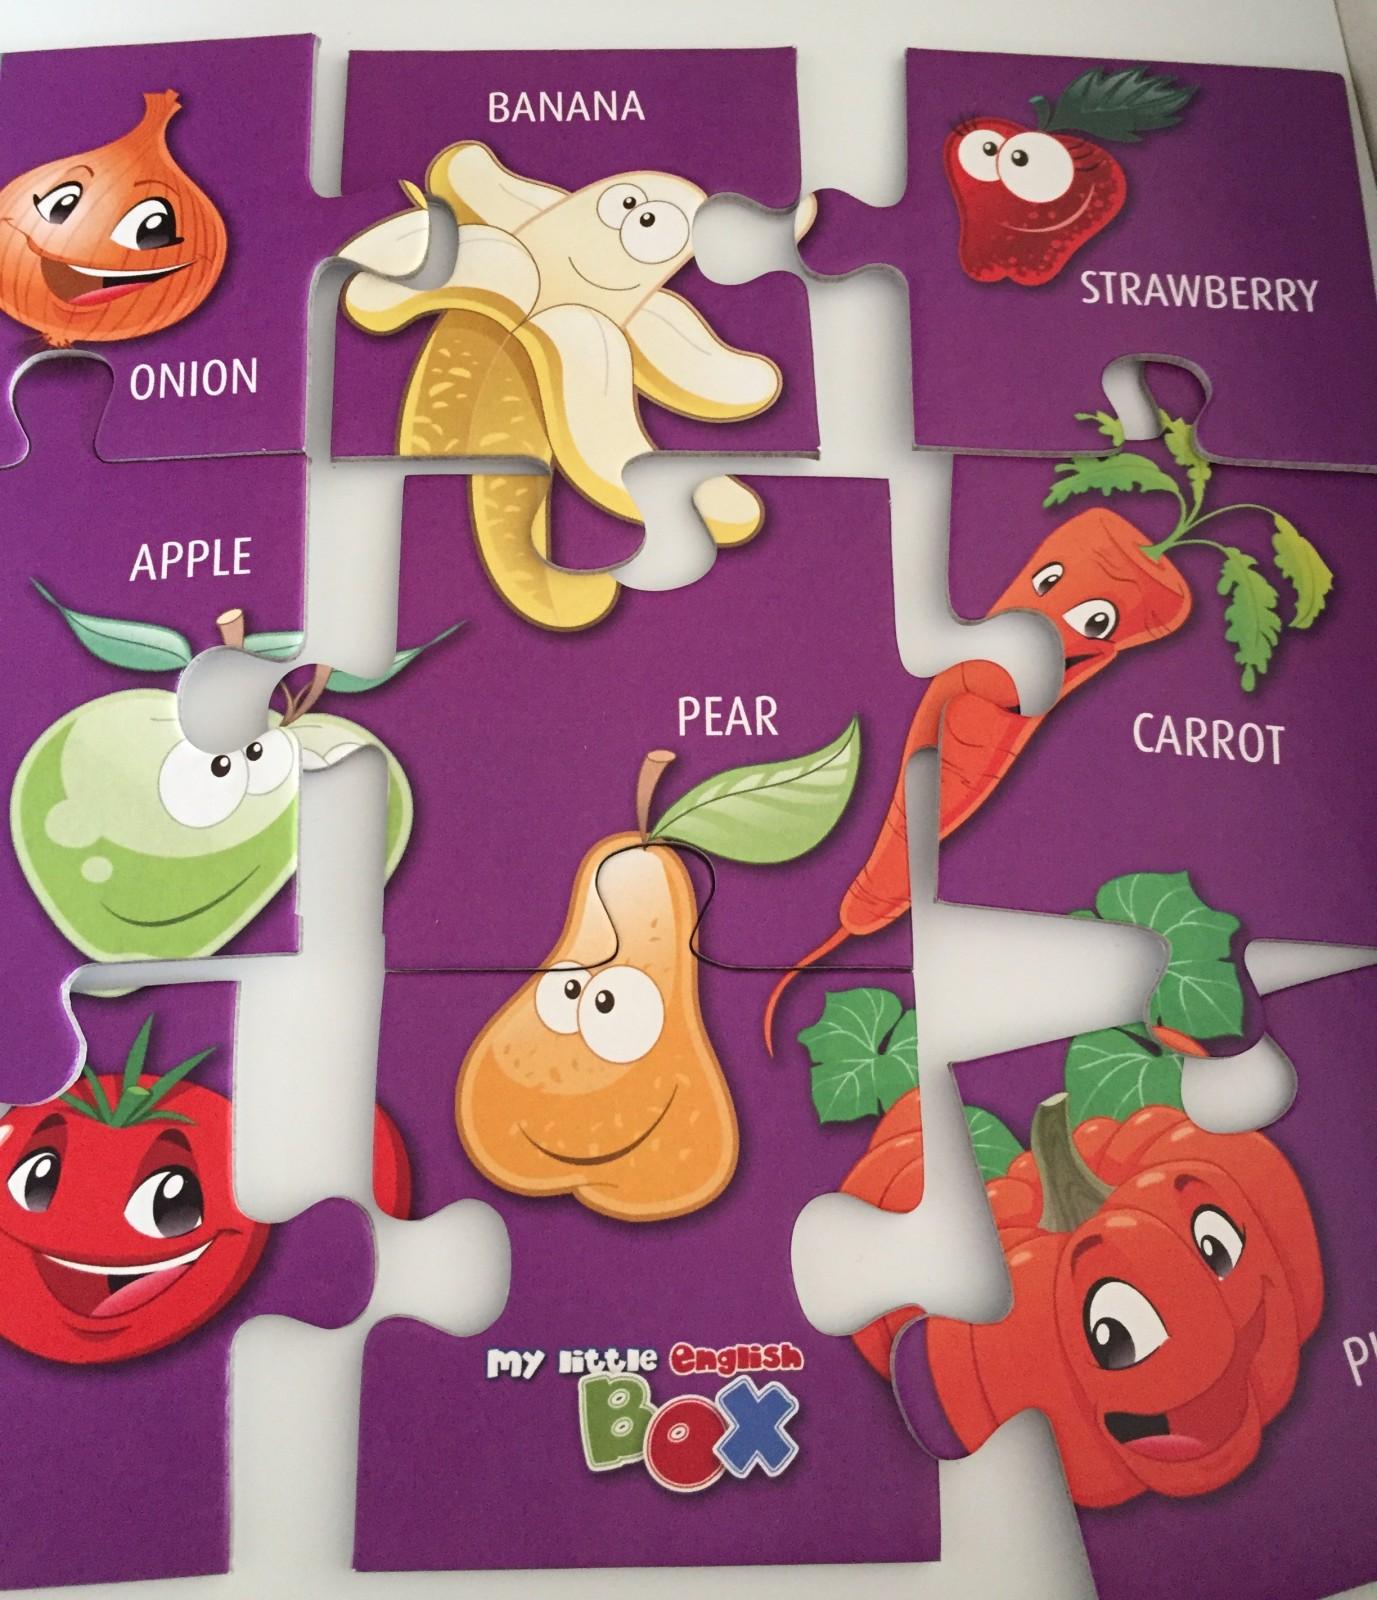 Super Spiele für junges Gemüse, spielend Englisch lernen für Kinder, Englisch für Kinder, my Little English Box